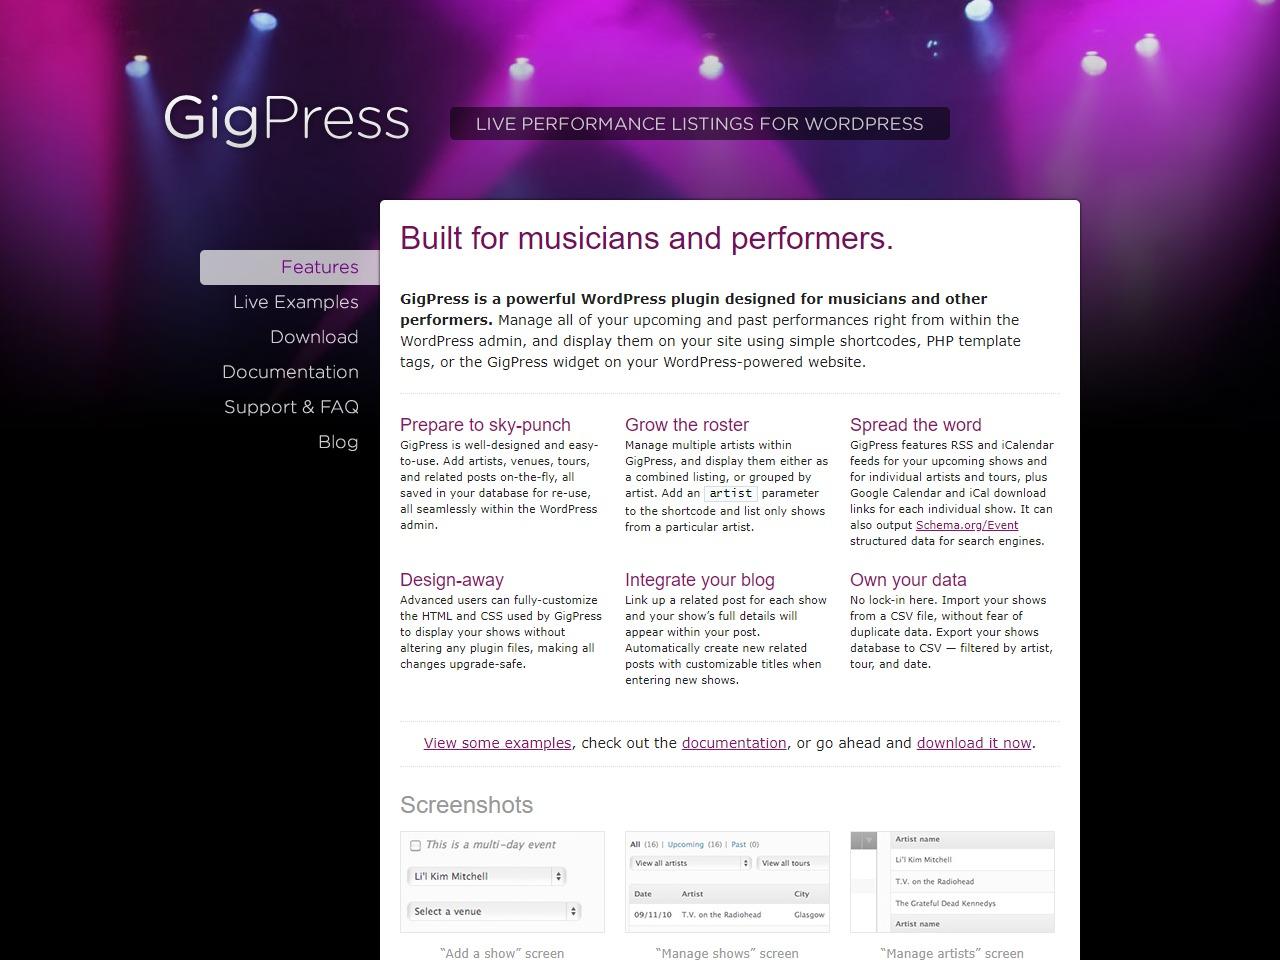 GigPress wordpress plugin